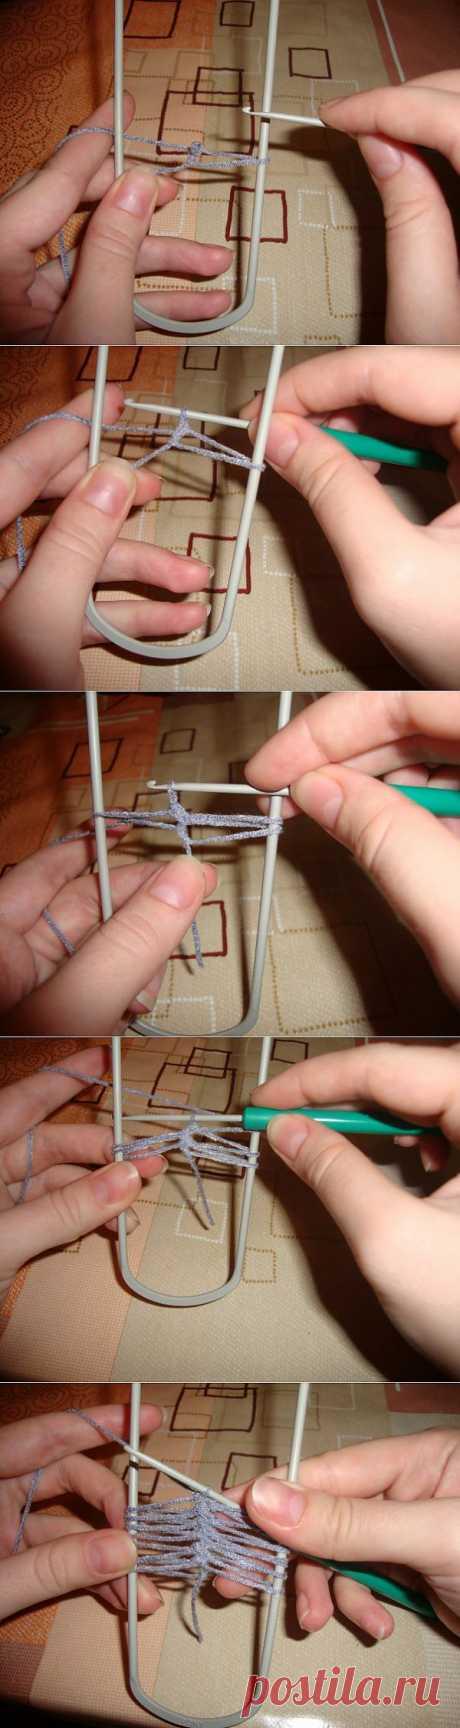 Урок №1 - для начинающих вязать на вилке - Ярмарка Мастеров - ручная работа, handmade